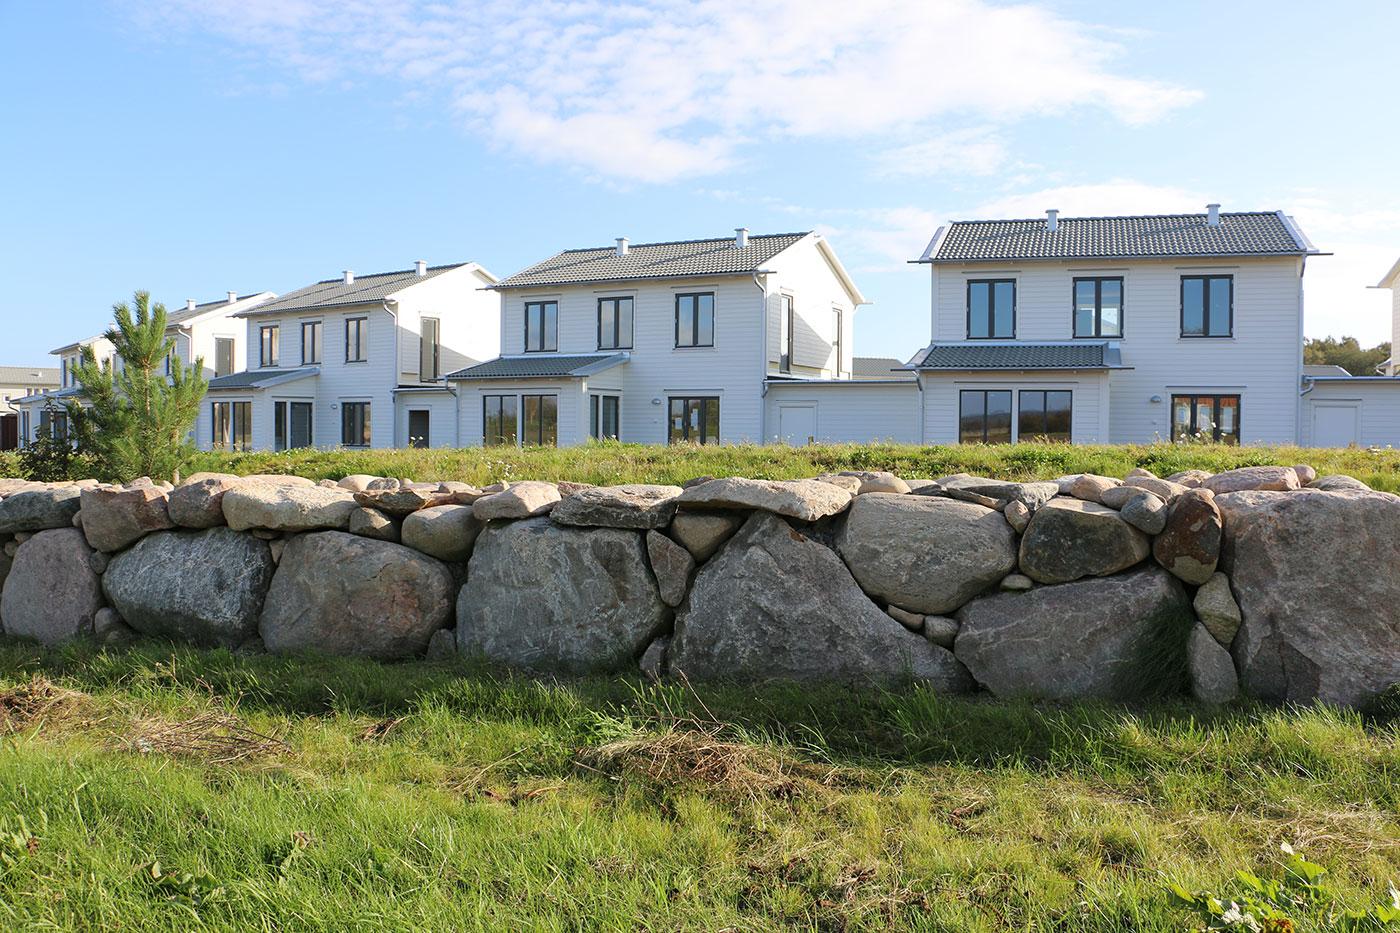 Albinsro - vita hus på rad med stenmur